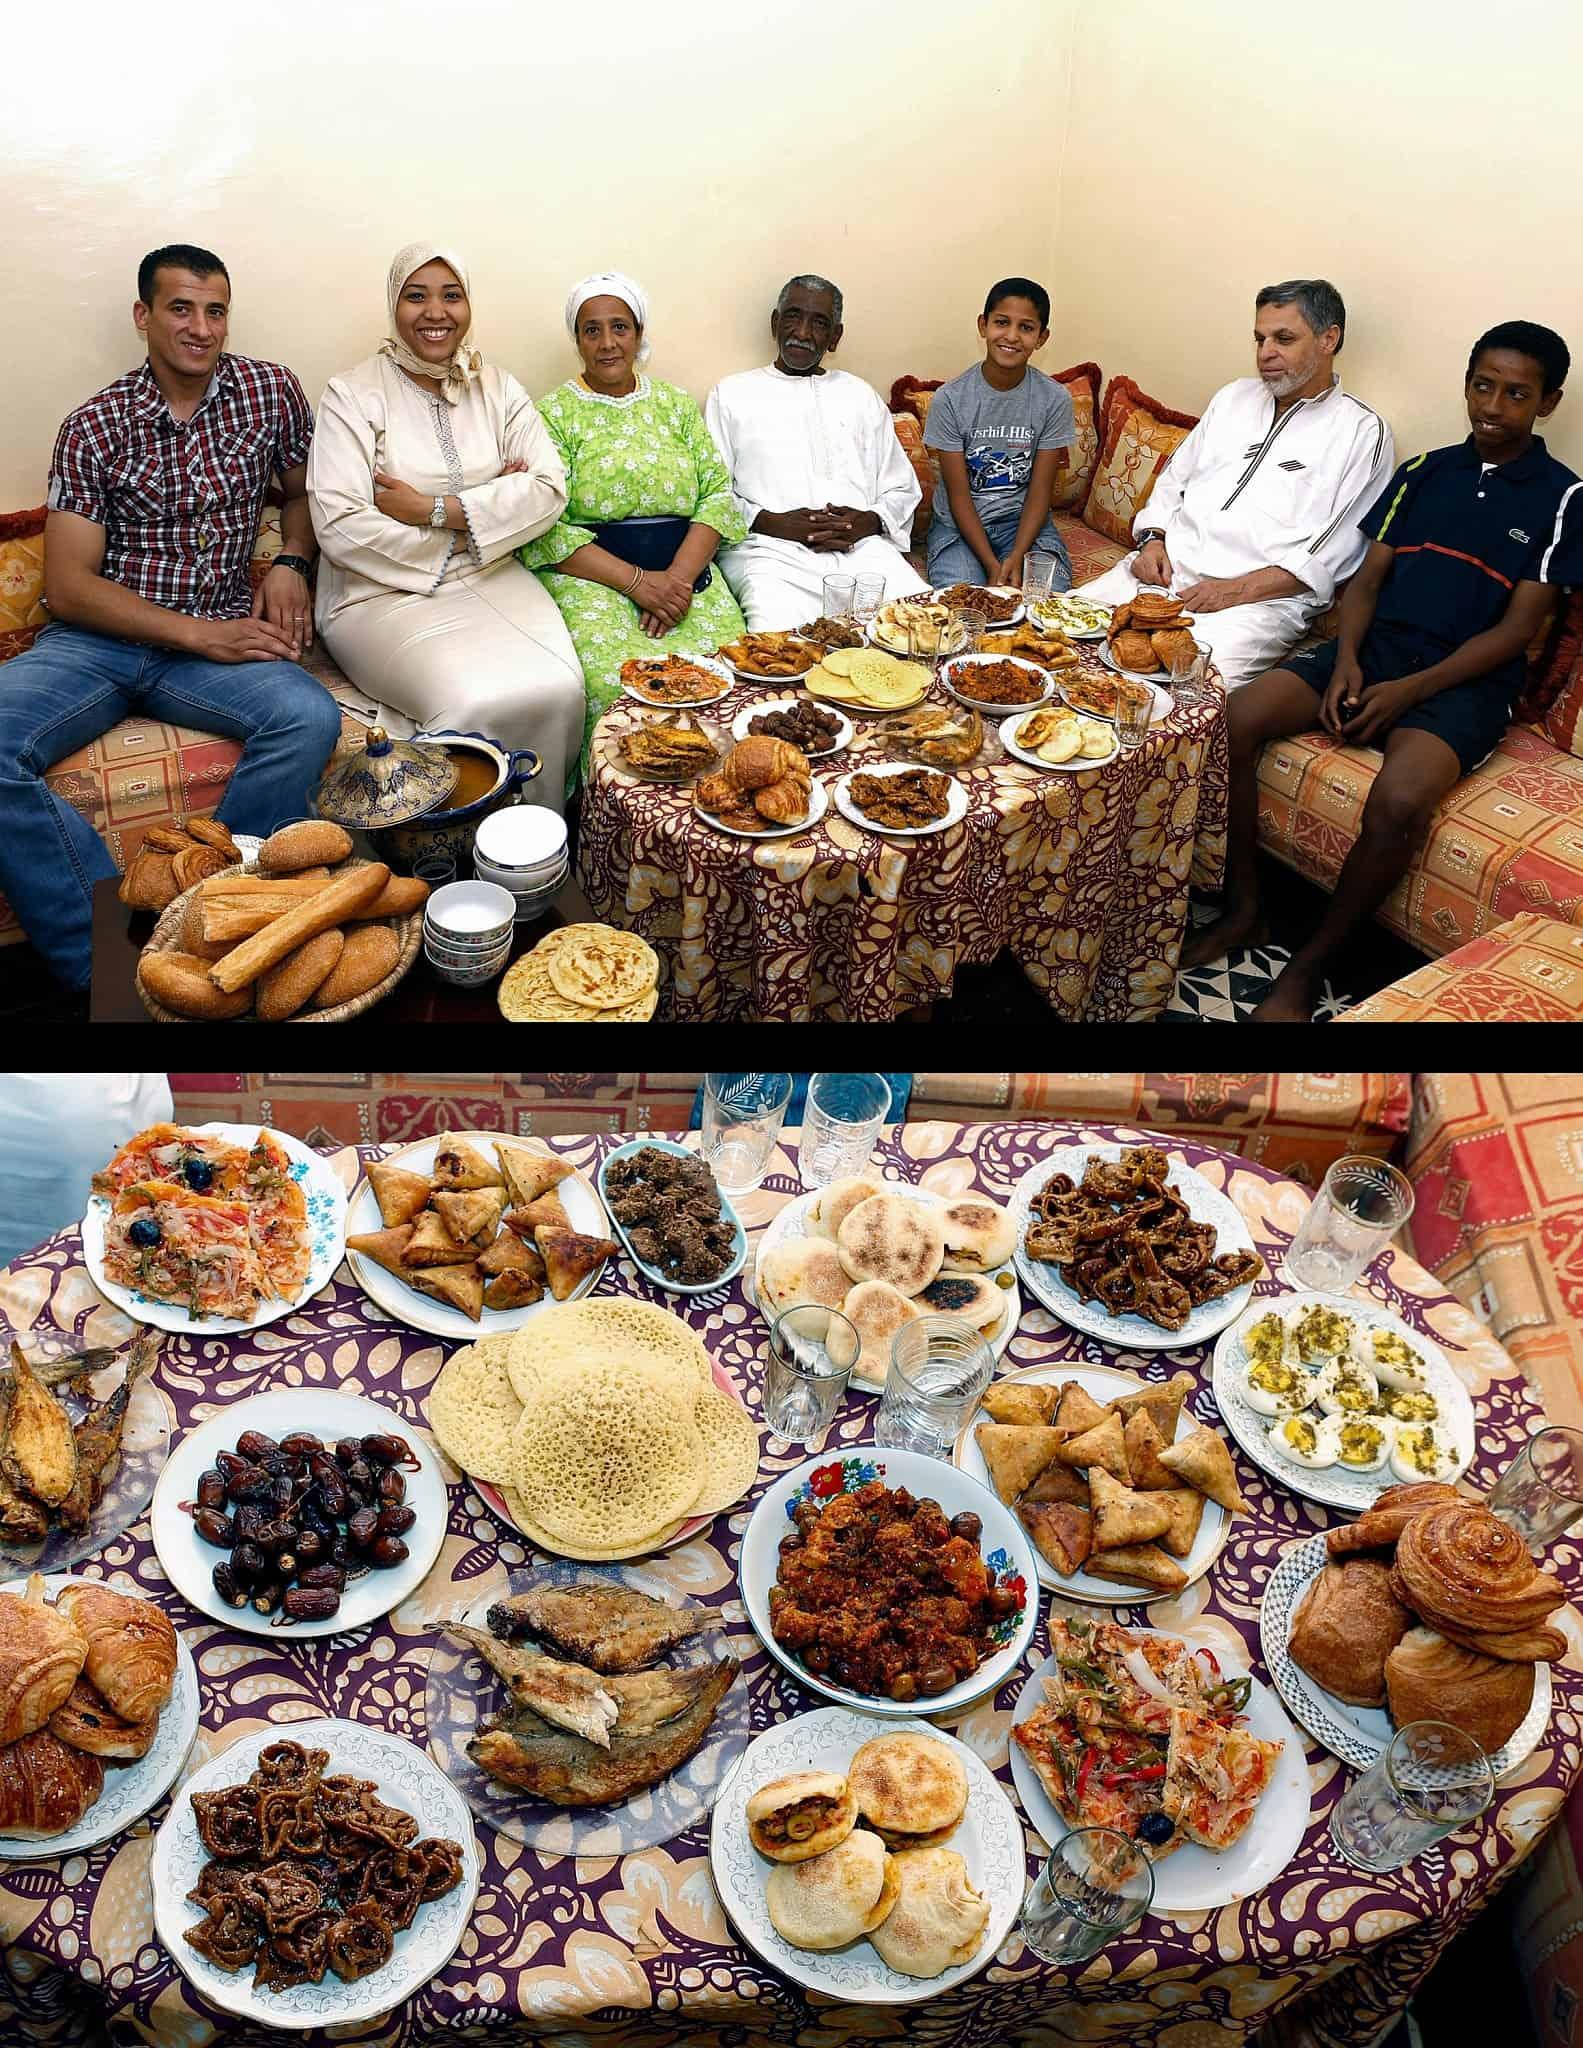 עוד חוזר הטיגון. ארוחה מרוקאית לרמדאן (צילום: AP Photo/Abdeljalil Bounhar)